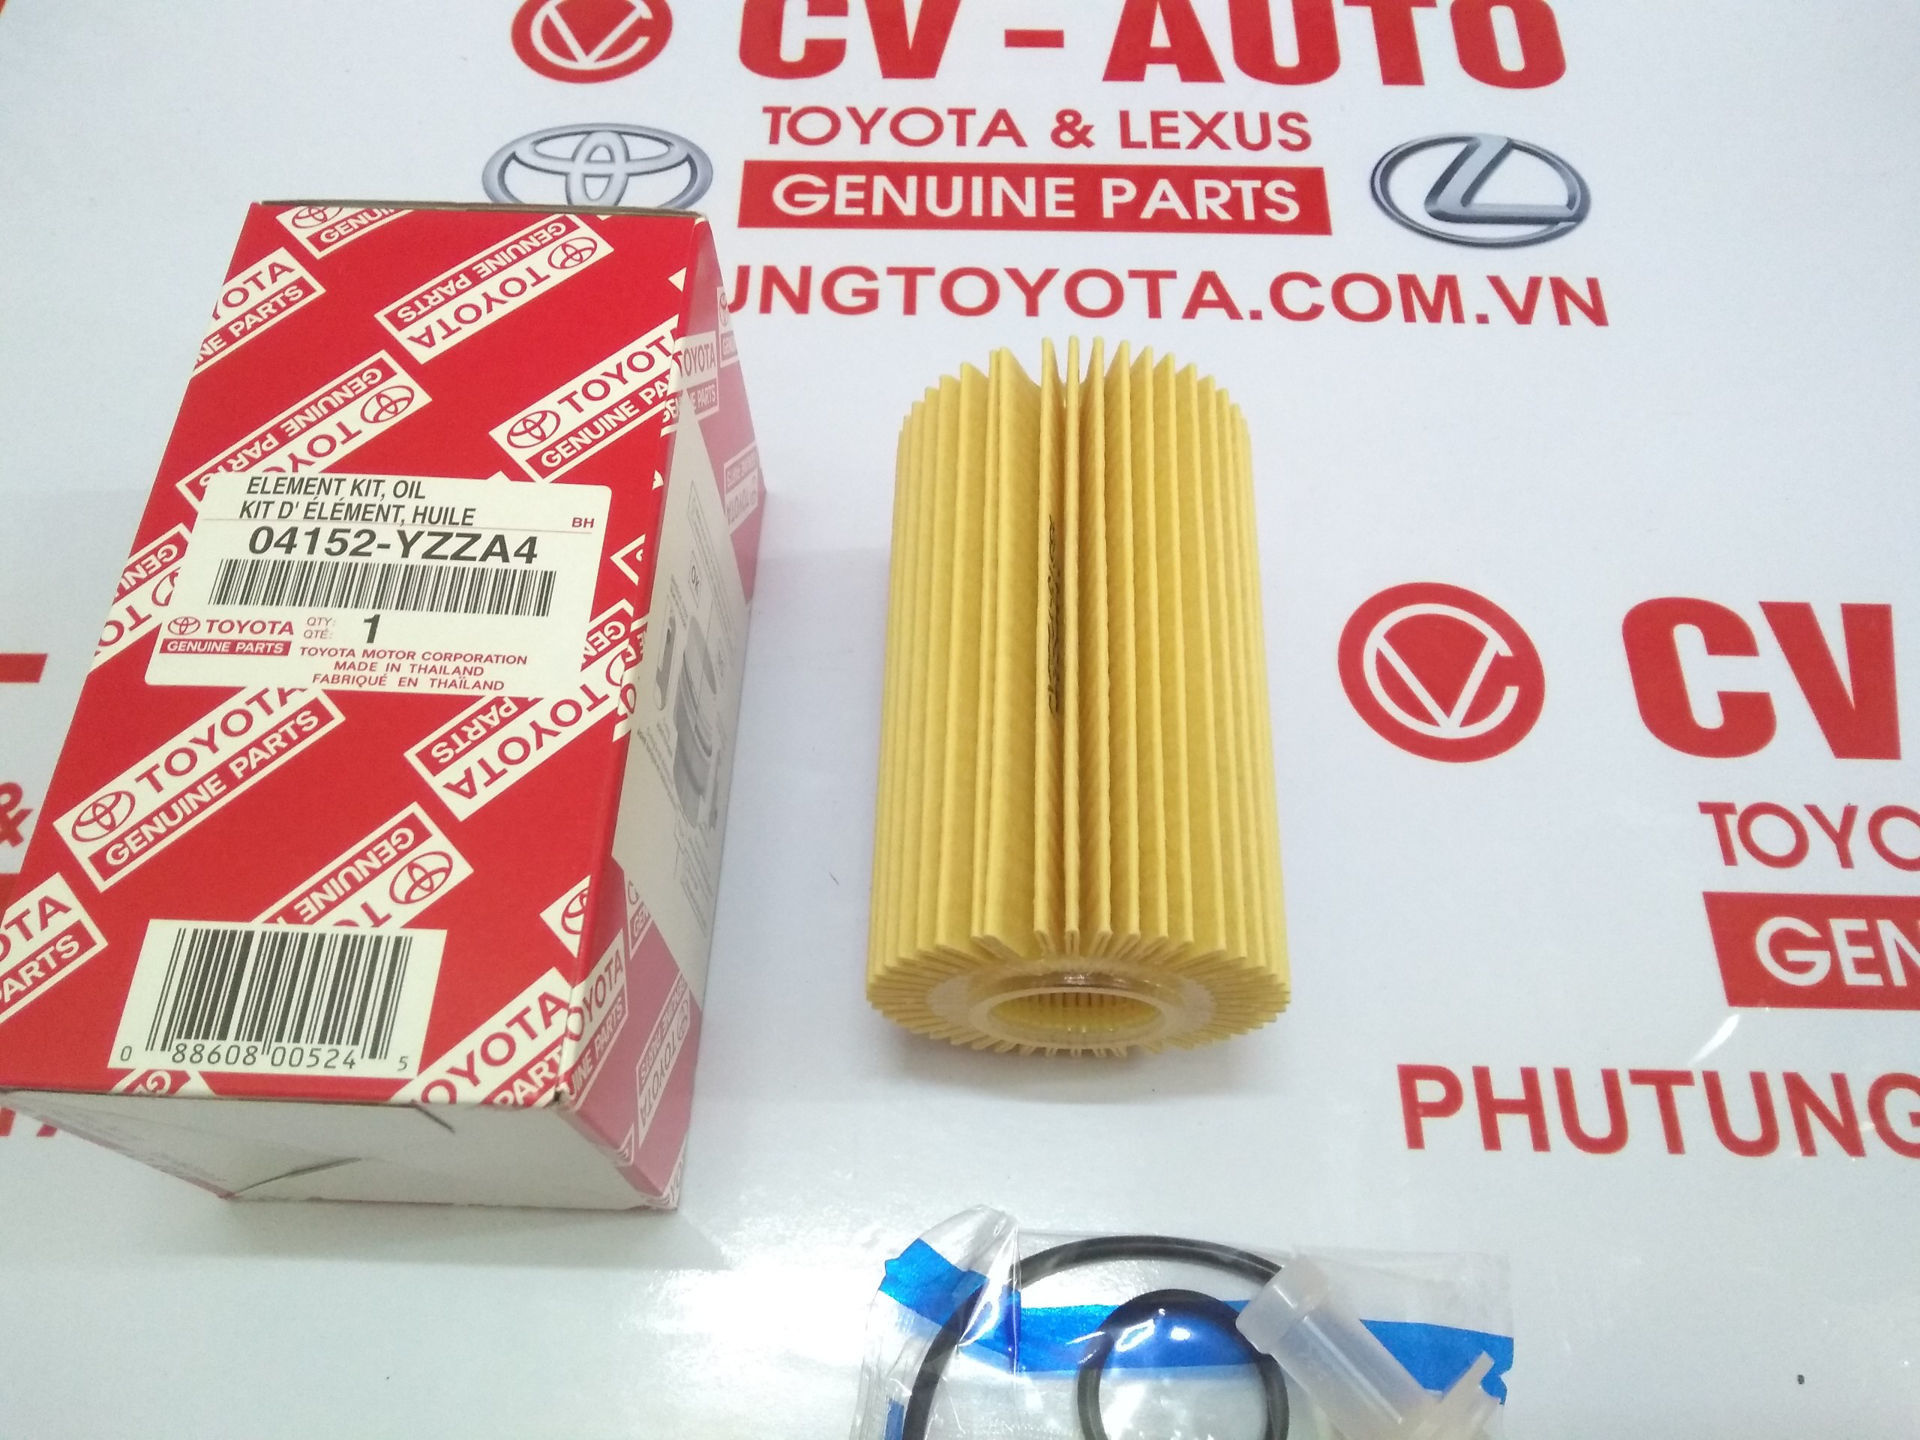 Picture of 04152-YZZA4 Lọc dầu giấy A4 Toyota, Lexus 38020 chính hãng